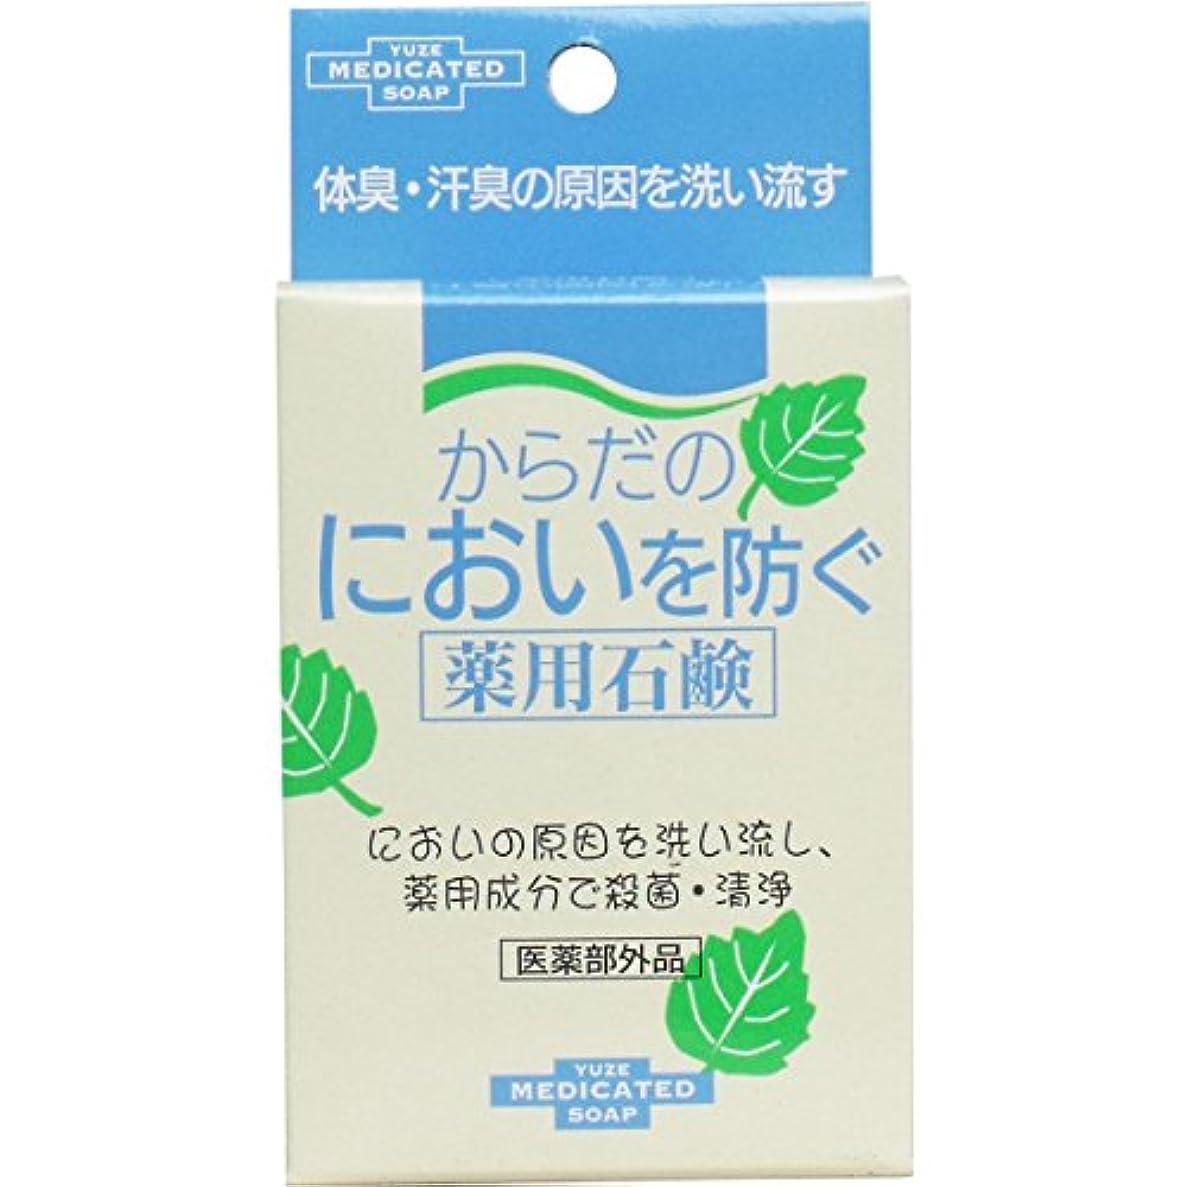 ポップする同情的ユゼからだのにおいを防ぐ薬用石鹸 110g×6個セット